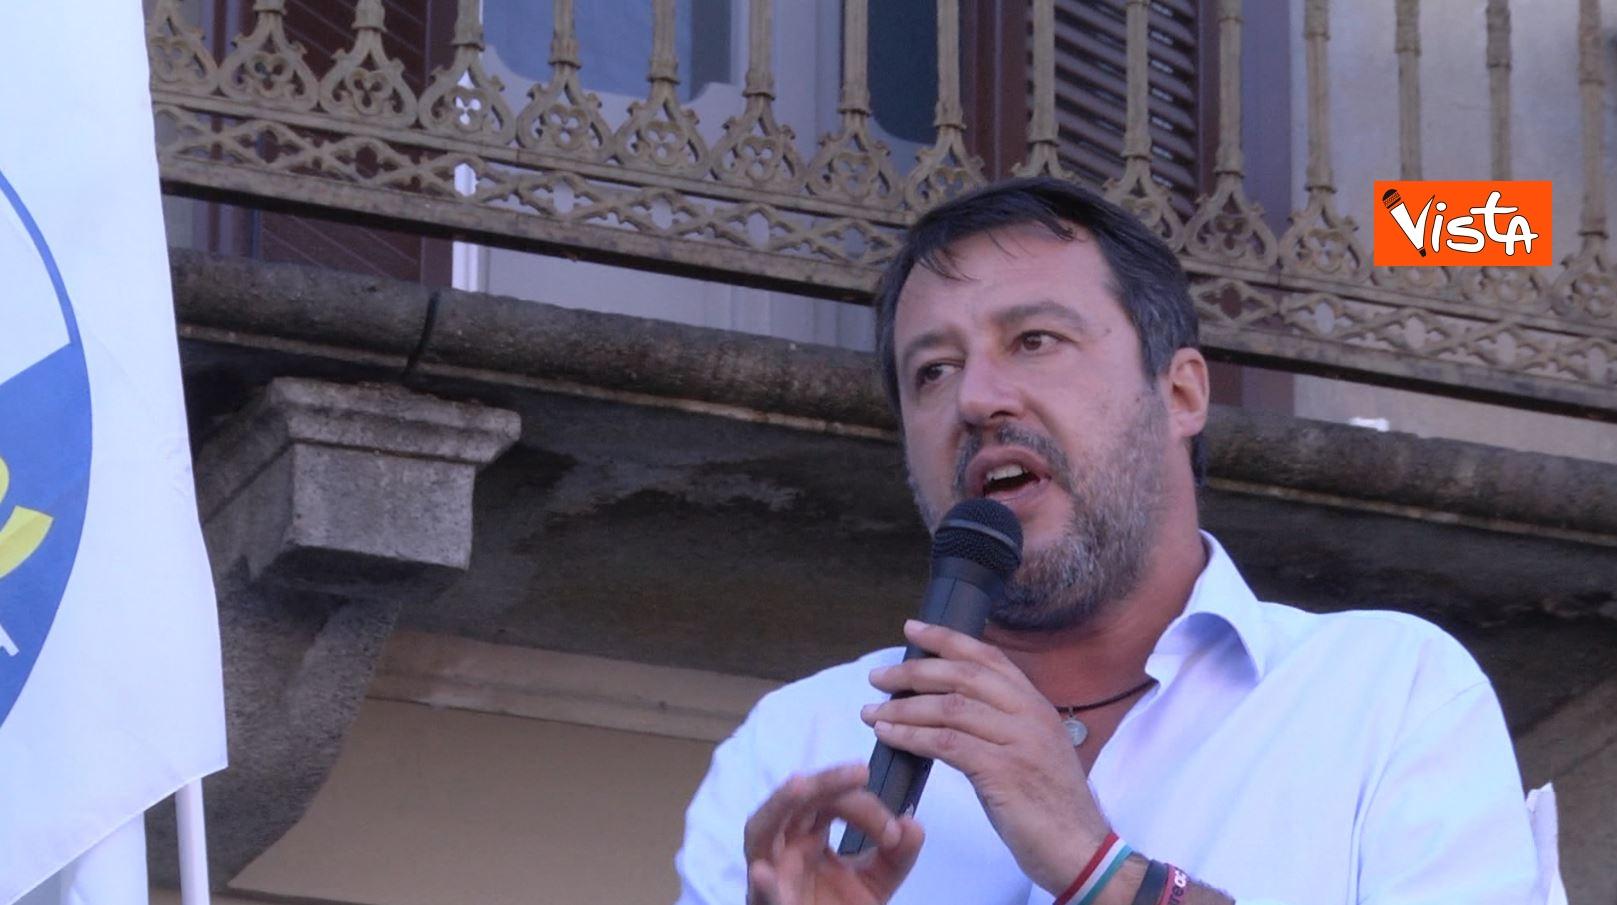 27_09_20 Salvini a Voghera Pavia per il comizio elettorale le immagini _07